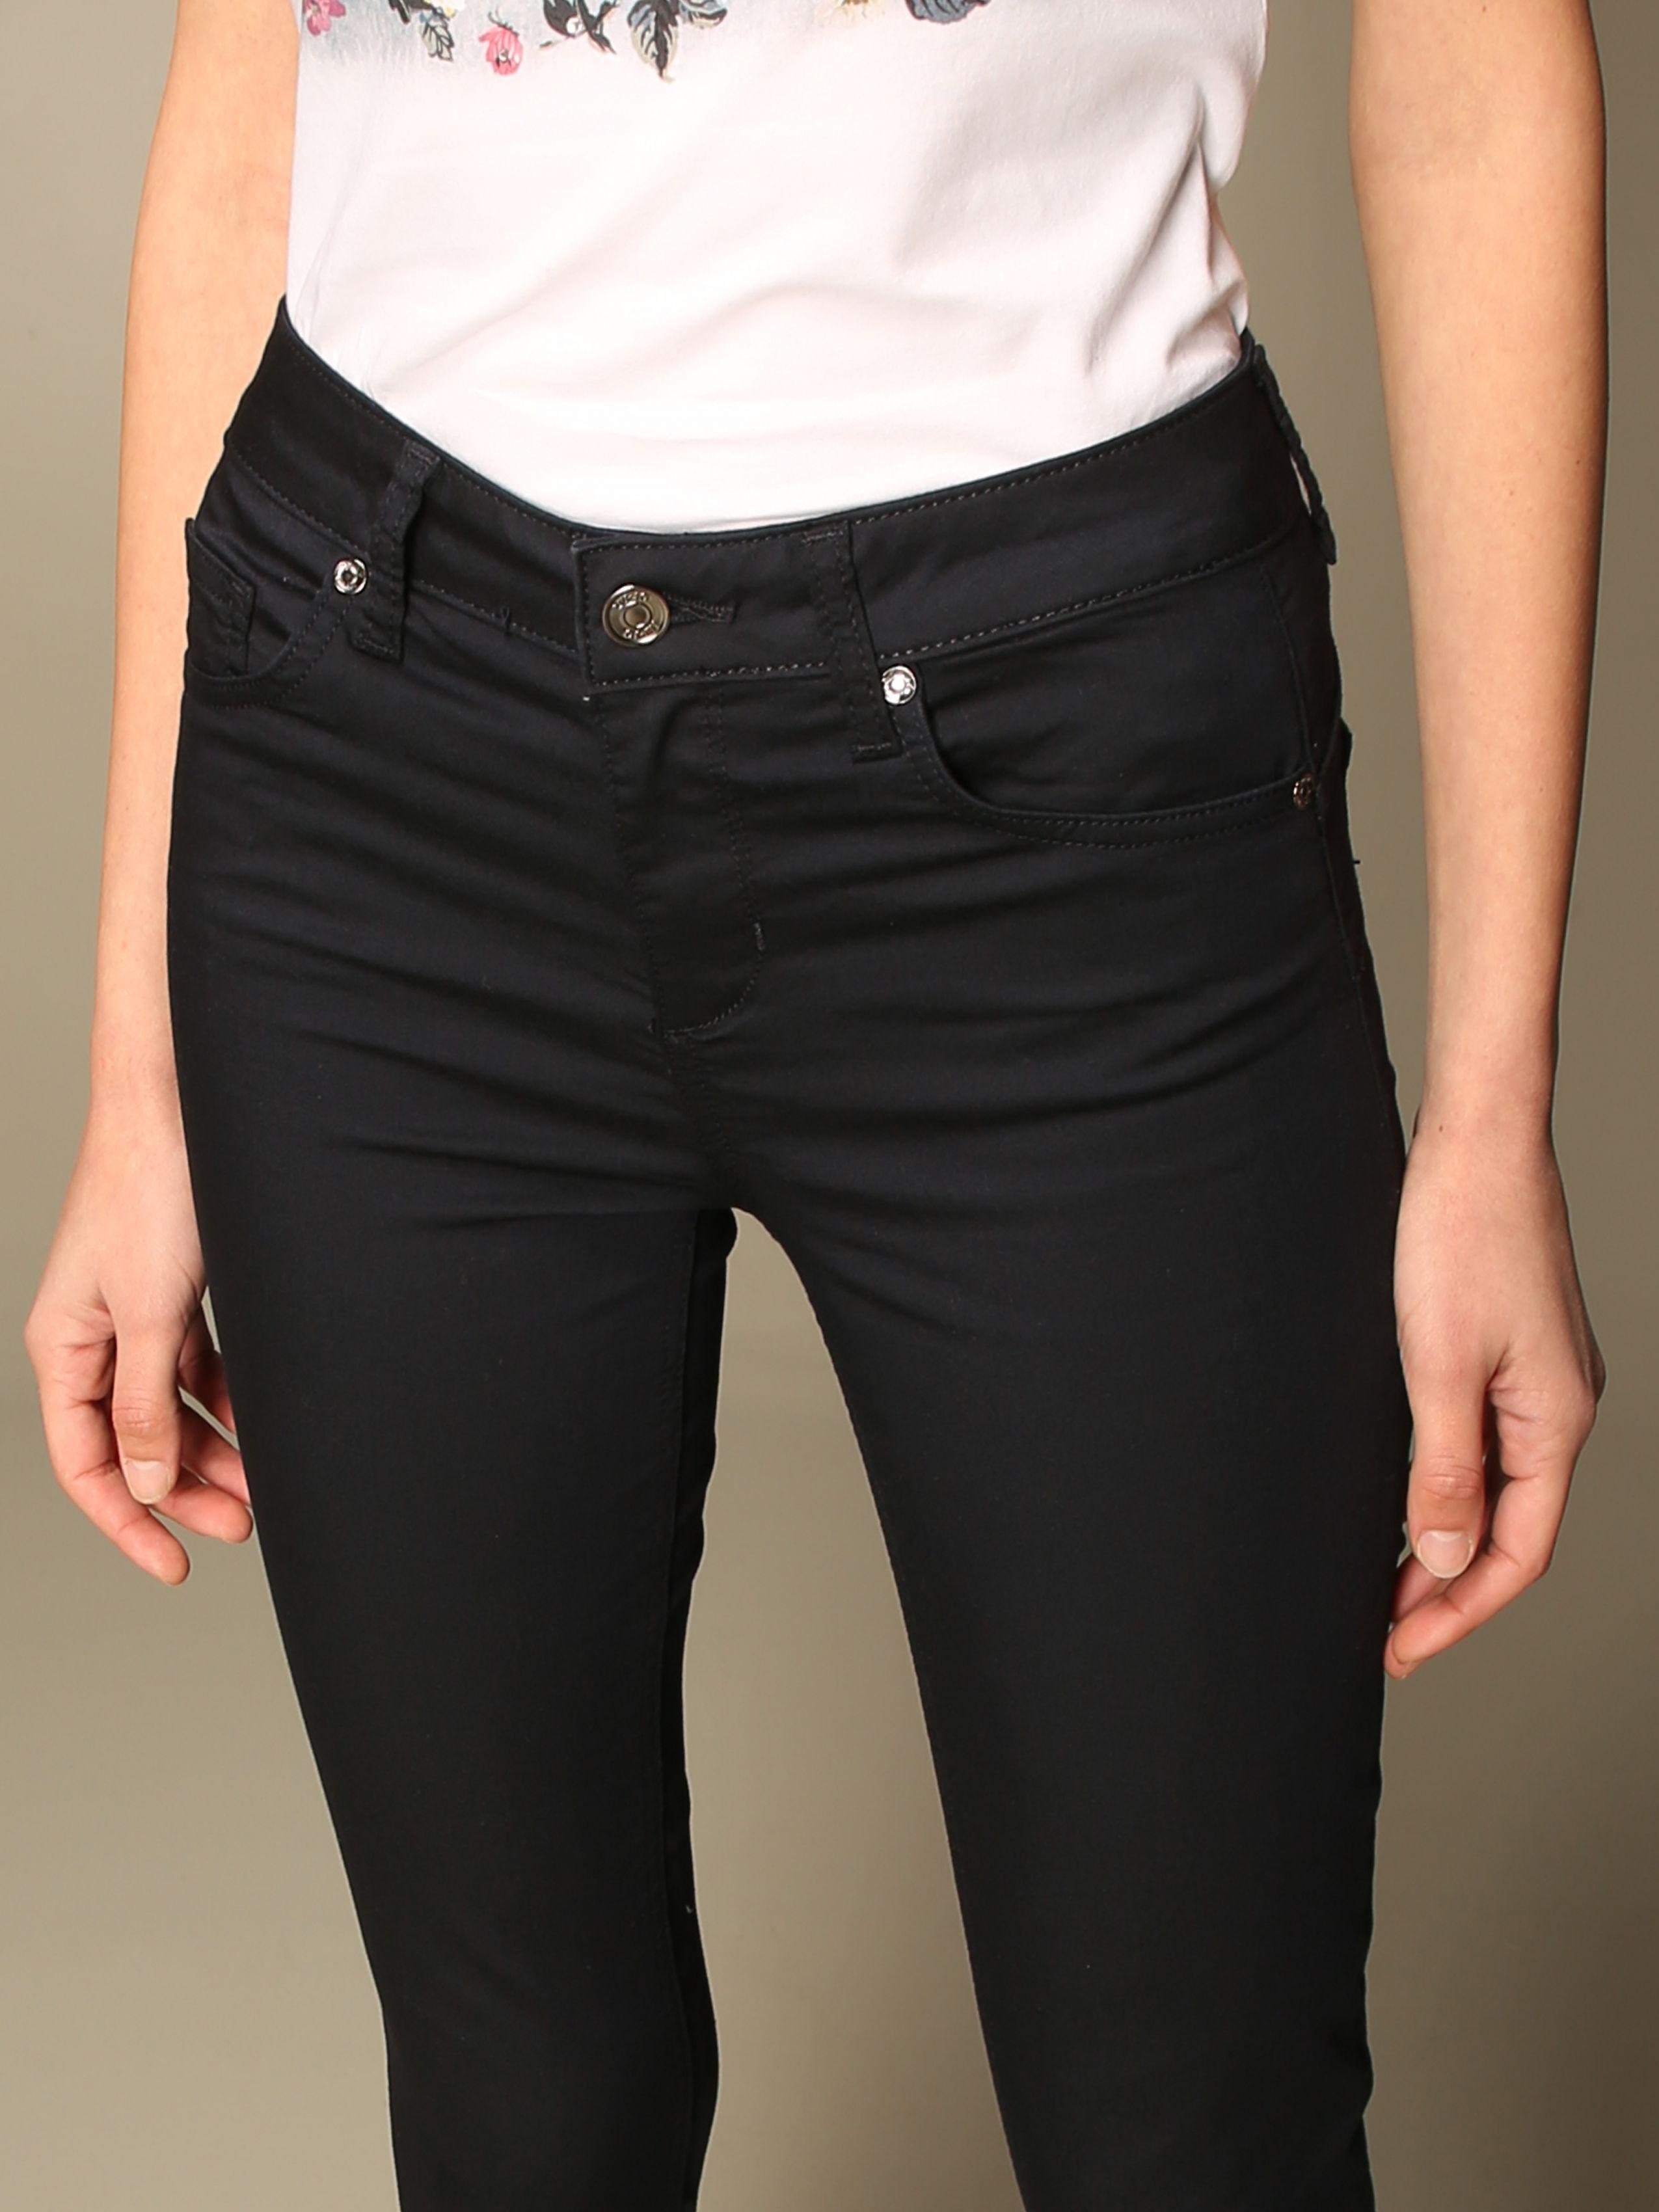 pantalone skinny vita alta liu jo LIU JO   Pantaloni   WXX035T714493921